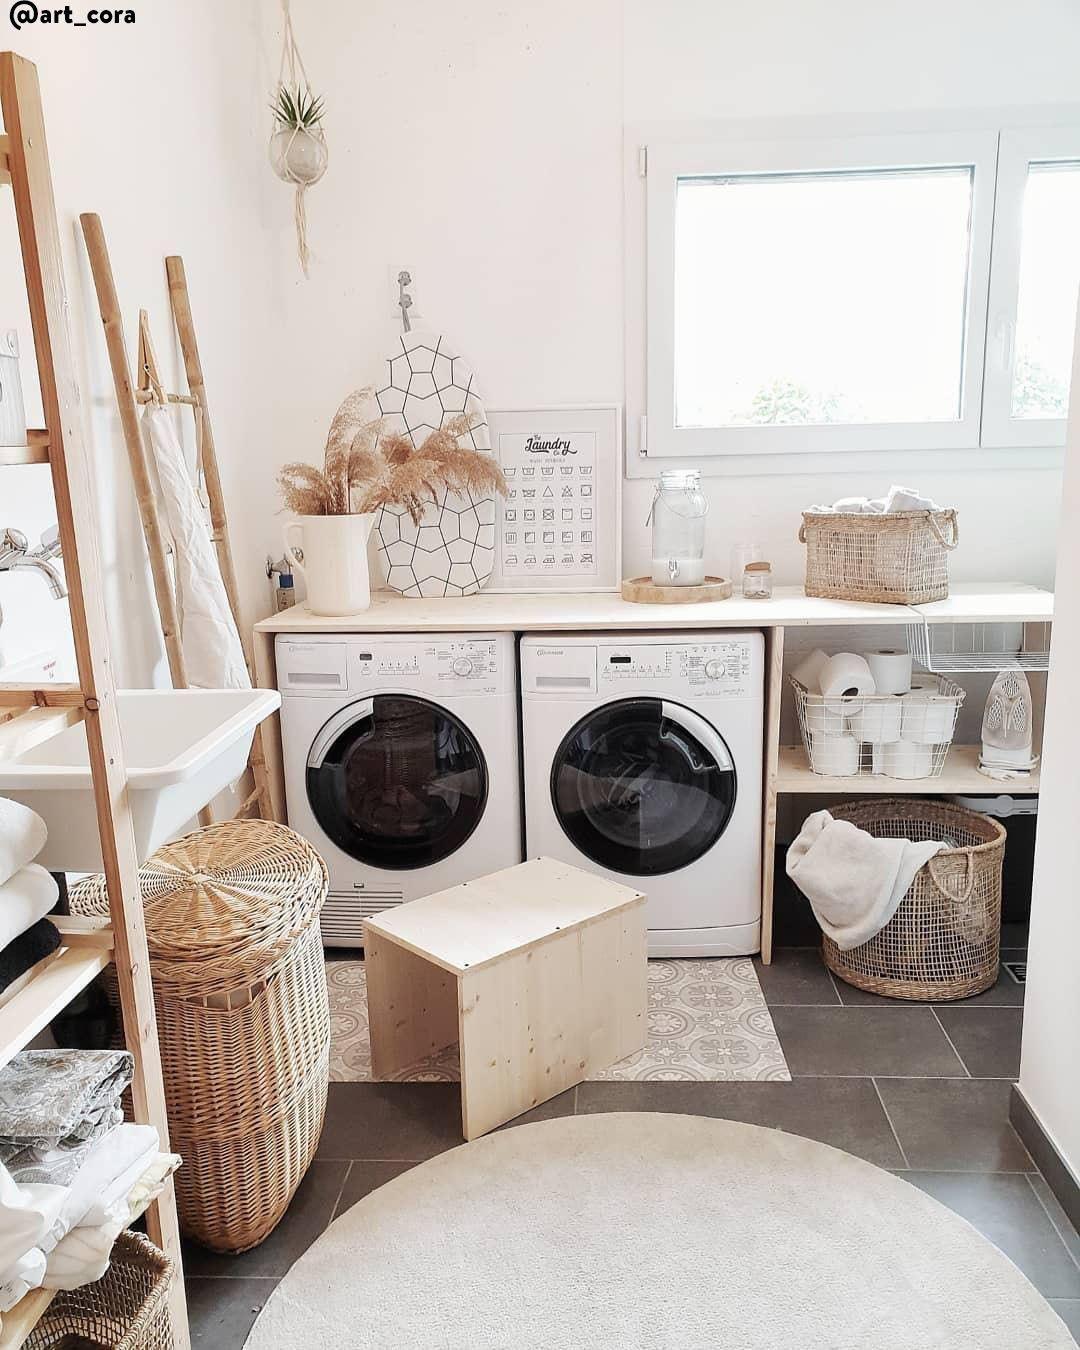 21 Badezimmer Regal Ideen Badezimmer Regal Waschraumgestaltung Waschküchendesign